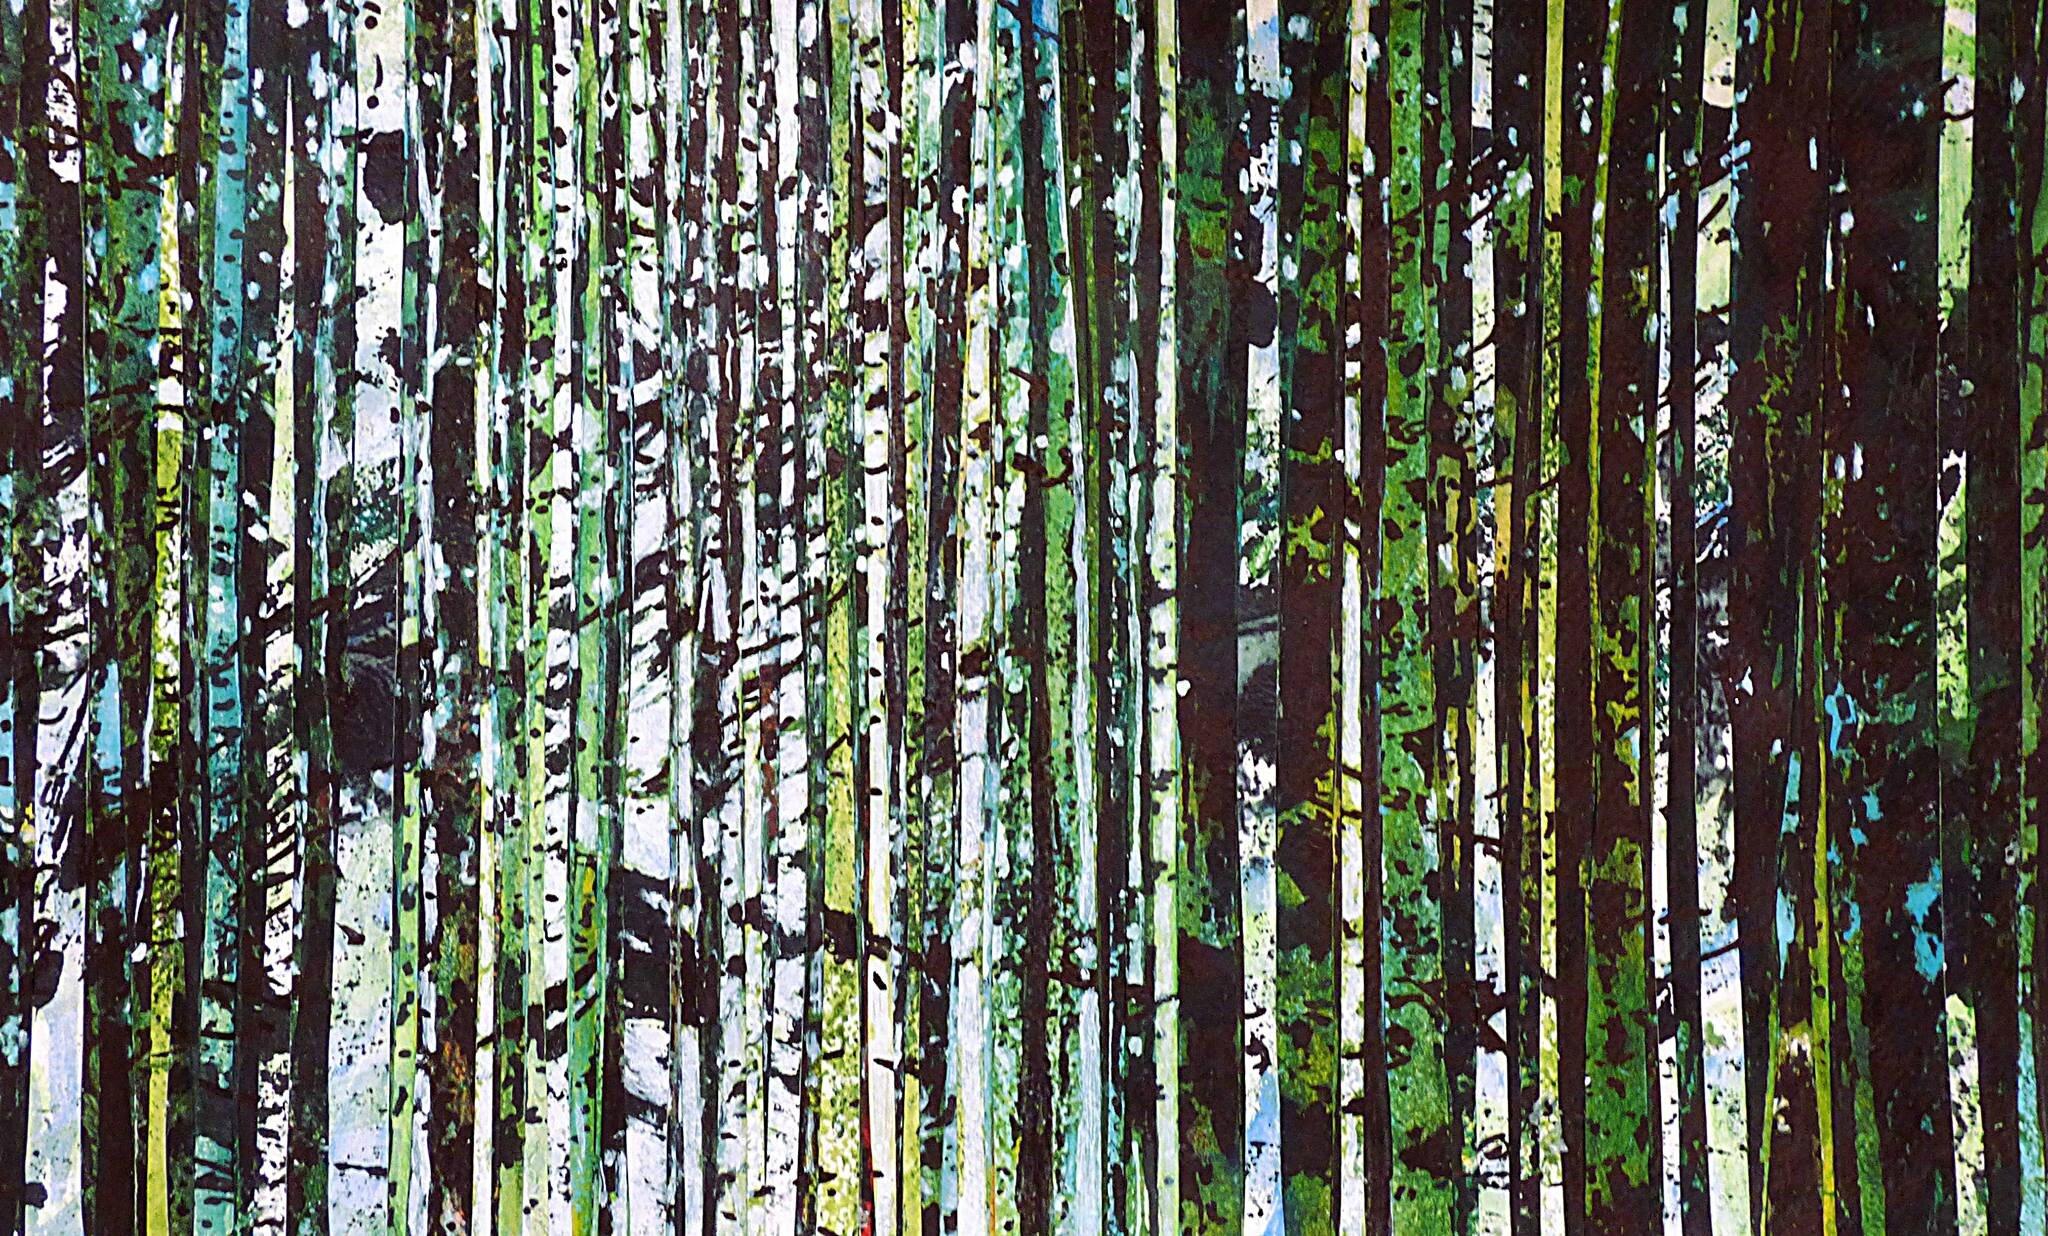 Forêt #62, techniques mixtes, août 2016, 47 x 30 cm